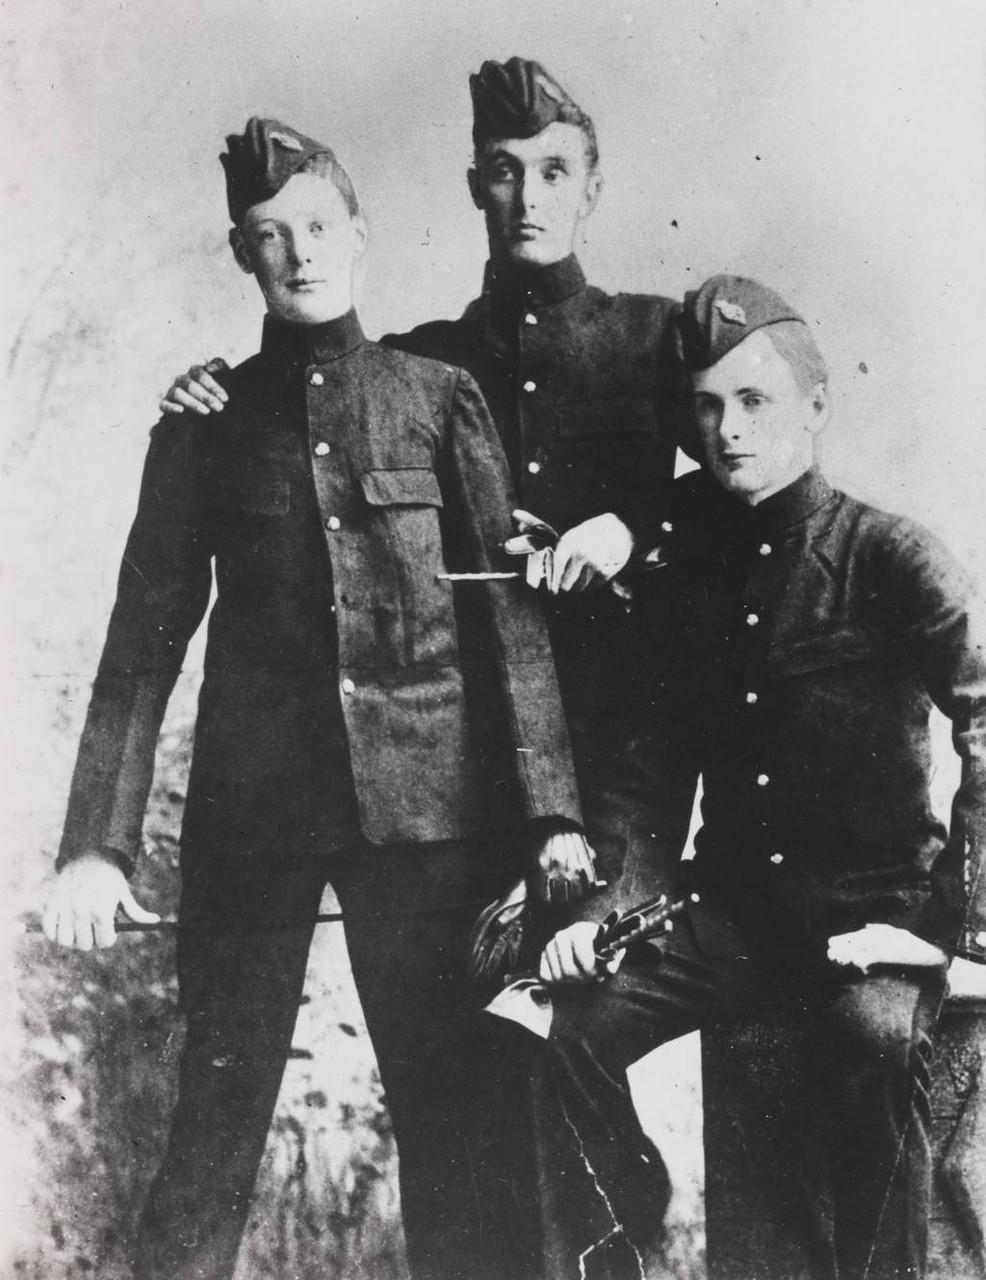 1894. Черчилль (справа) со своими друзьями в Королевской военной академии в Сандхерсте незадолго до отбытия в 4-й её королевского величества гусарский полк